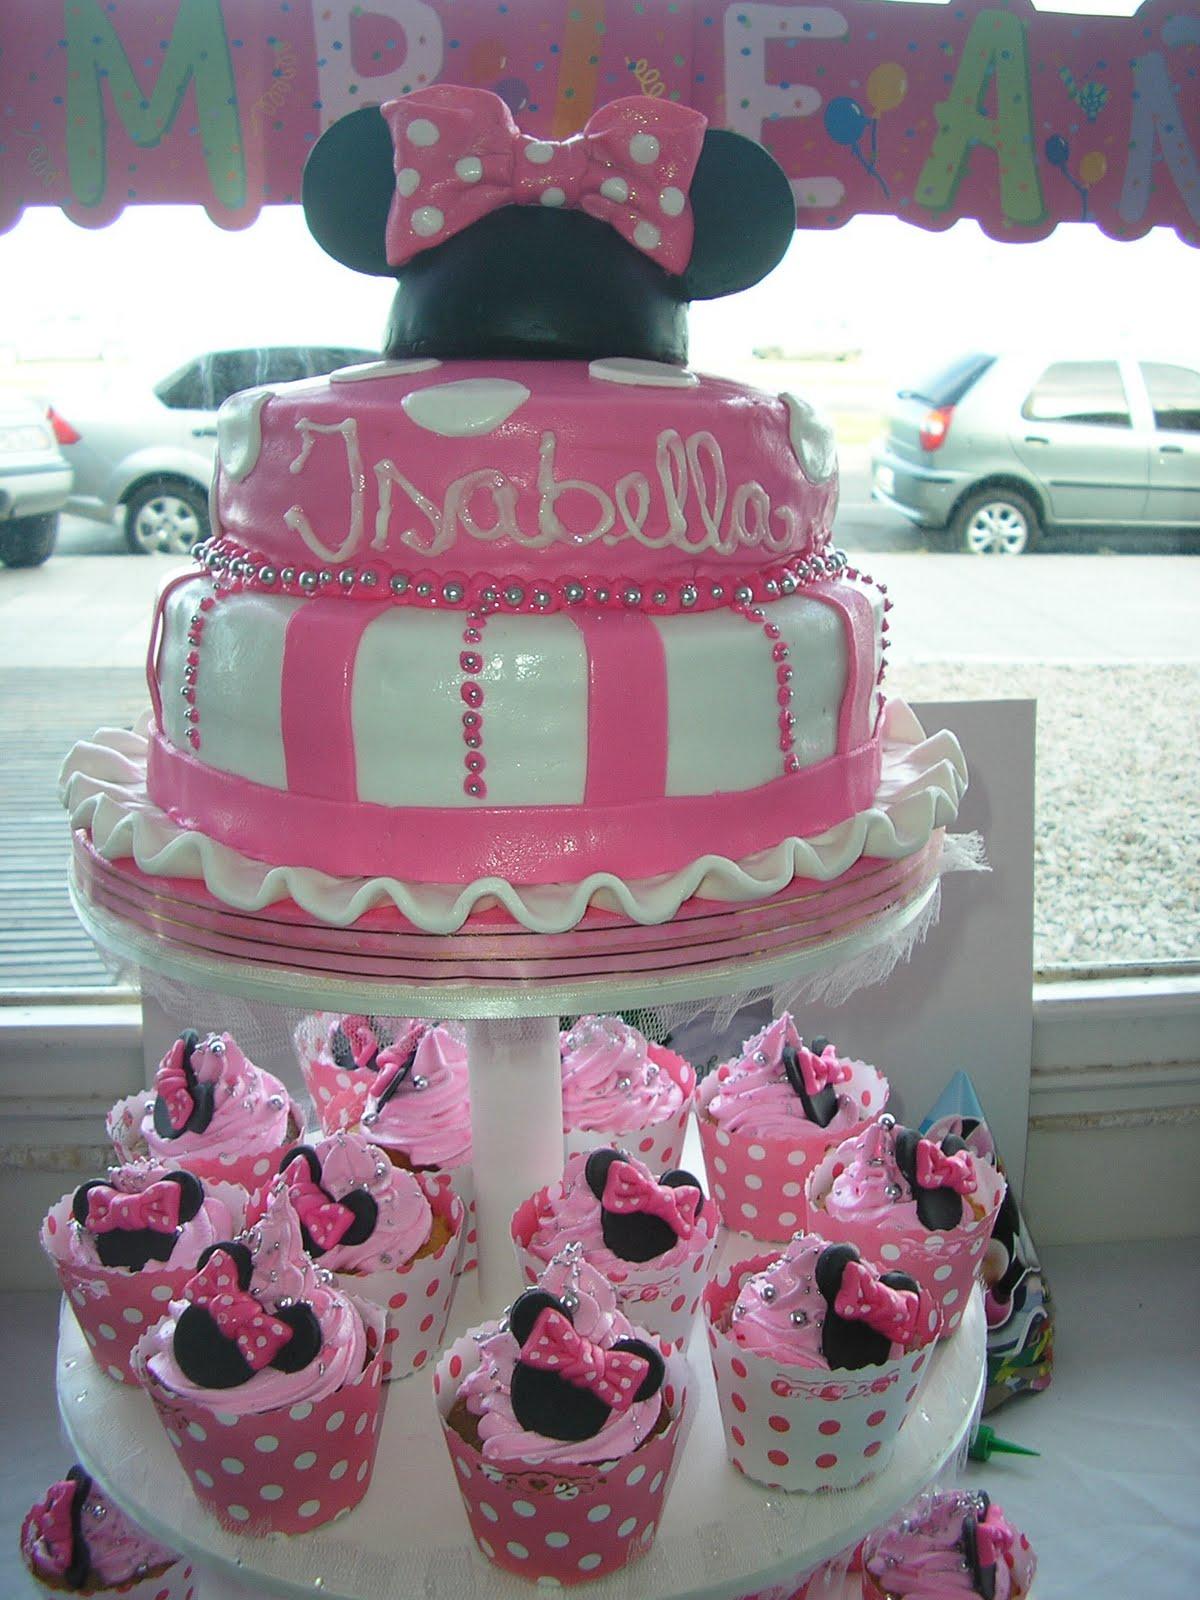 ... Cupcakes Mar del Plata: Nuevos diseños de Tortas de Mickey & MInnie